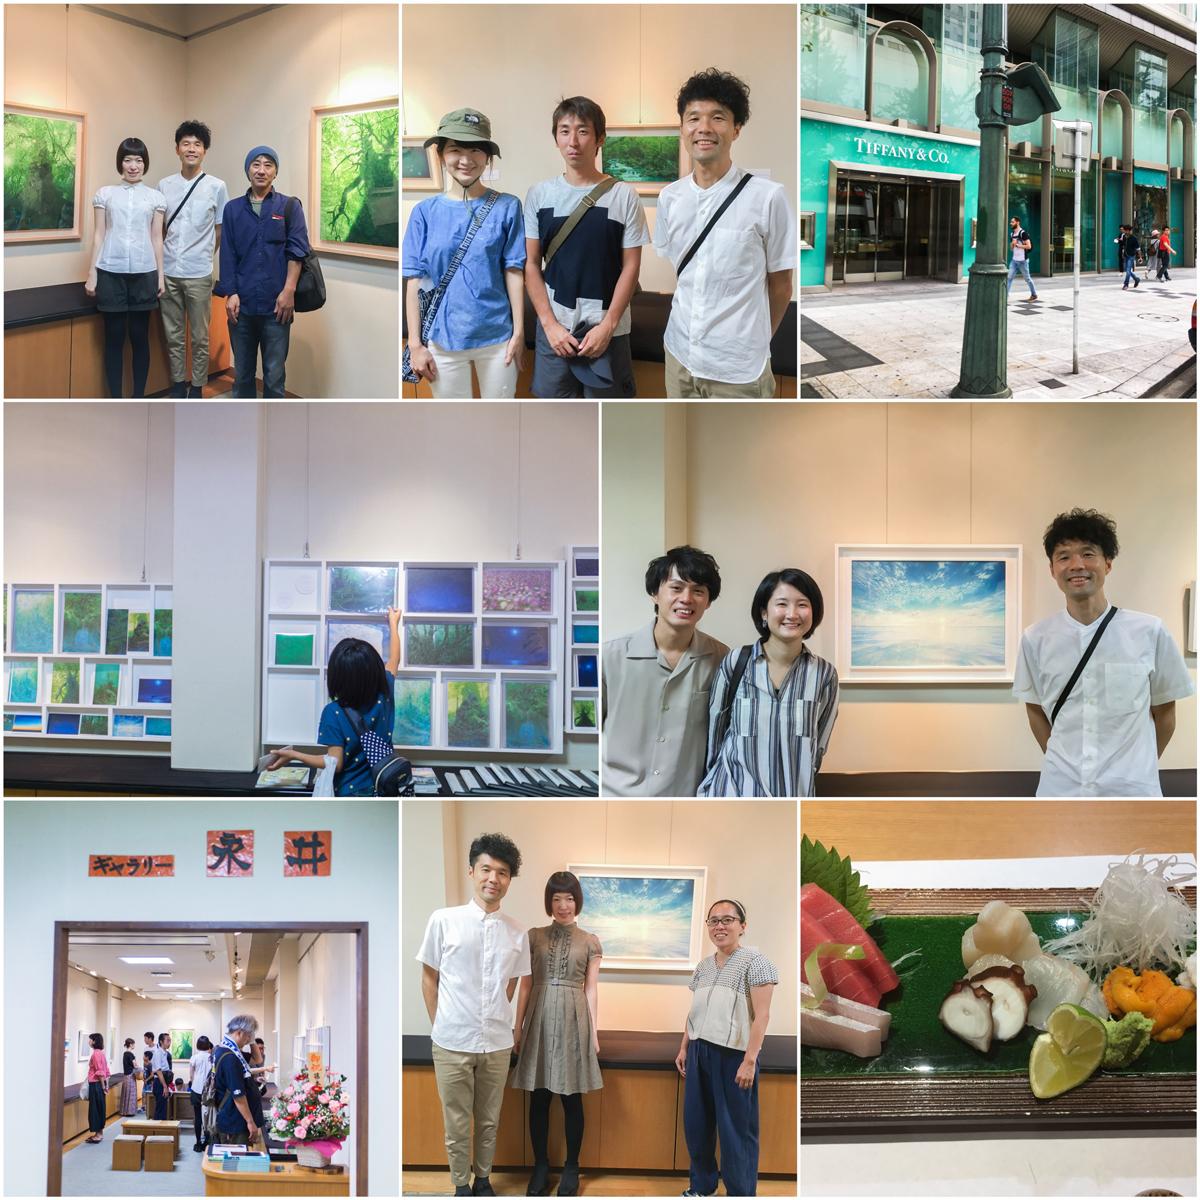 裕子さん個展レポート 心斎橋ギャラリー永井、前半を終えました!